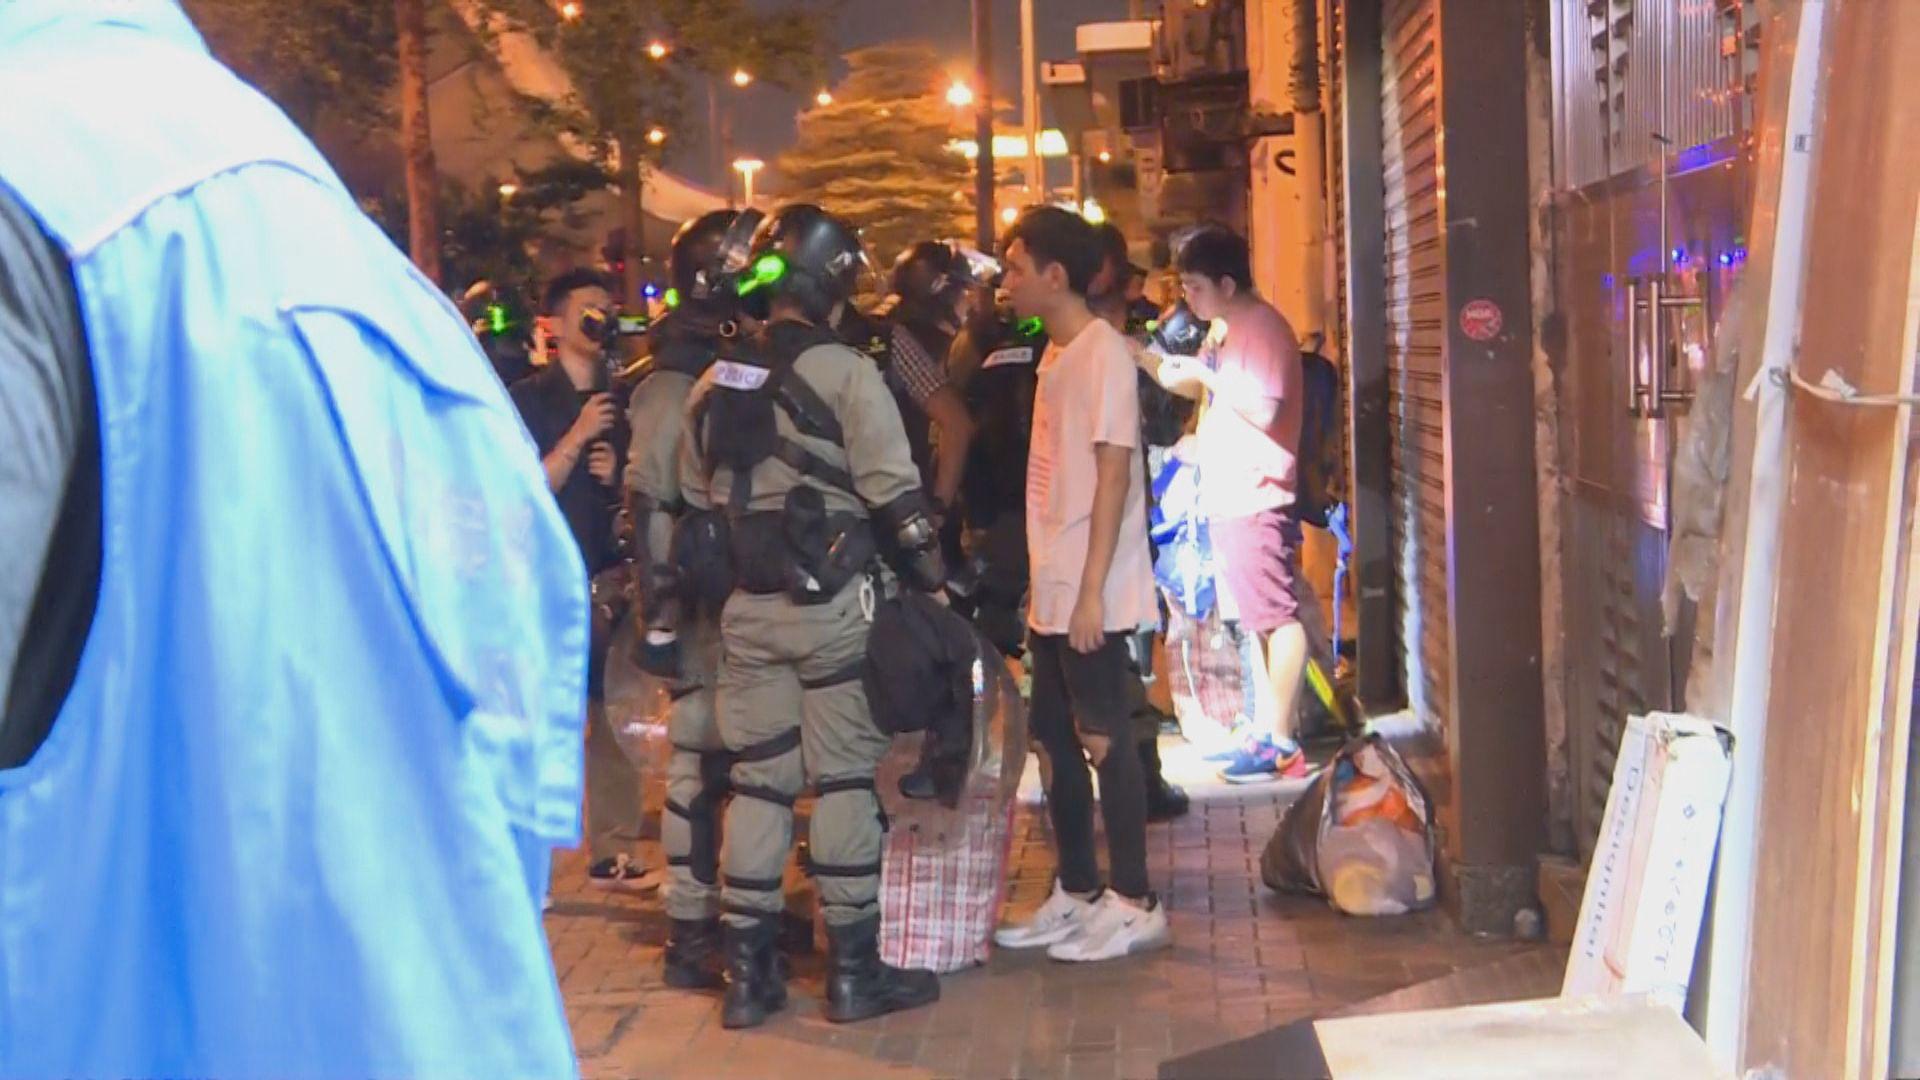 【港島西集會】示威者離開西區 警察搜查市民隨身物品